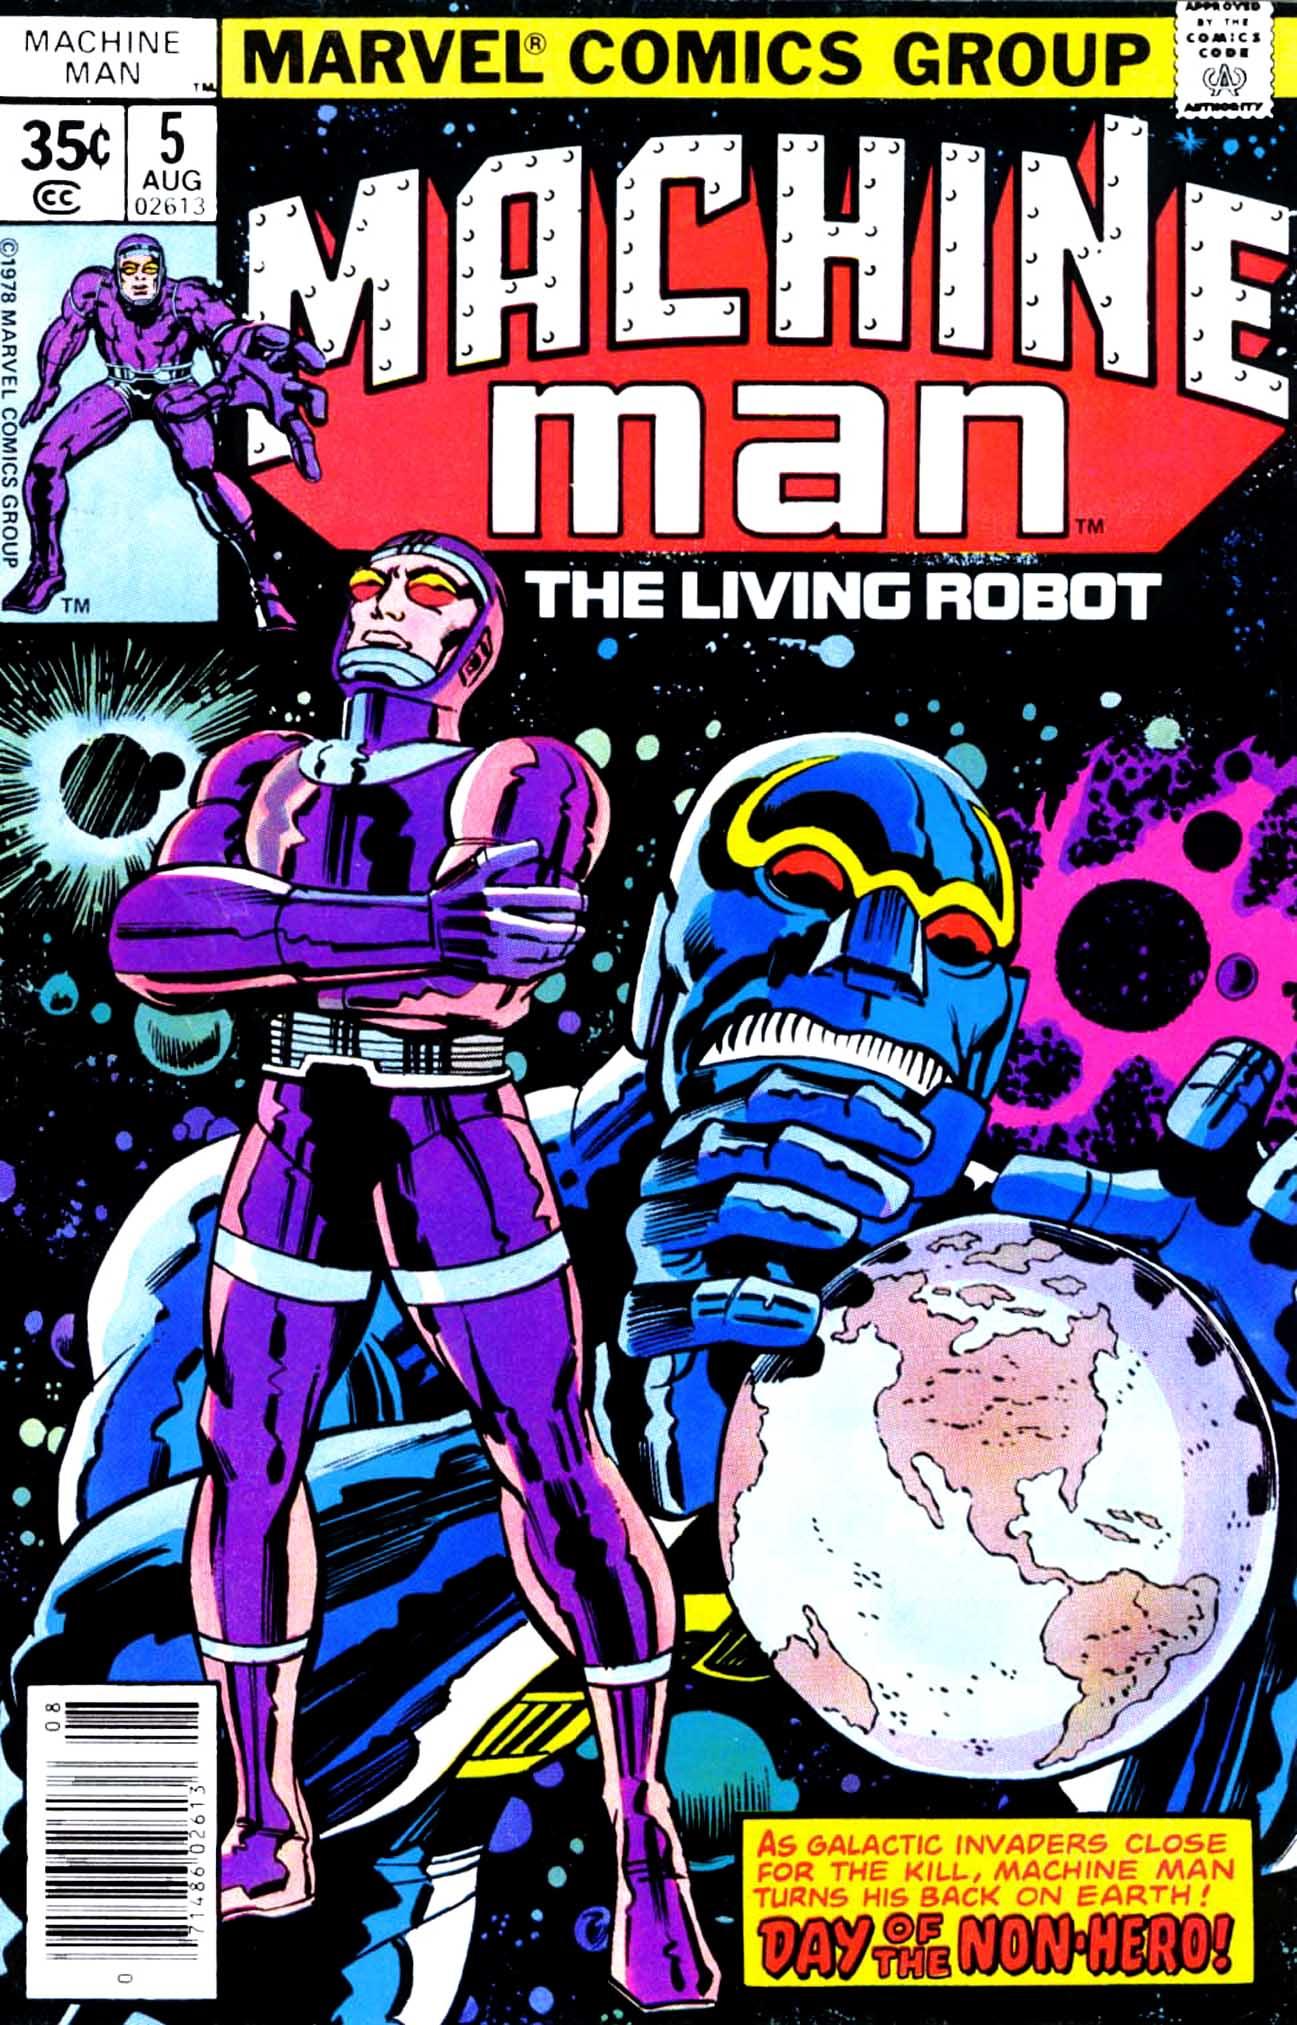 Machine Man (1978) issue 5 - Page 1